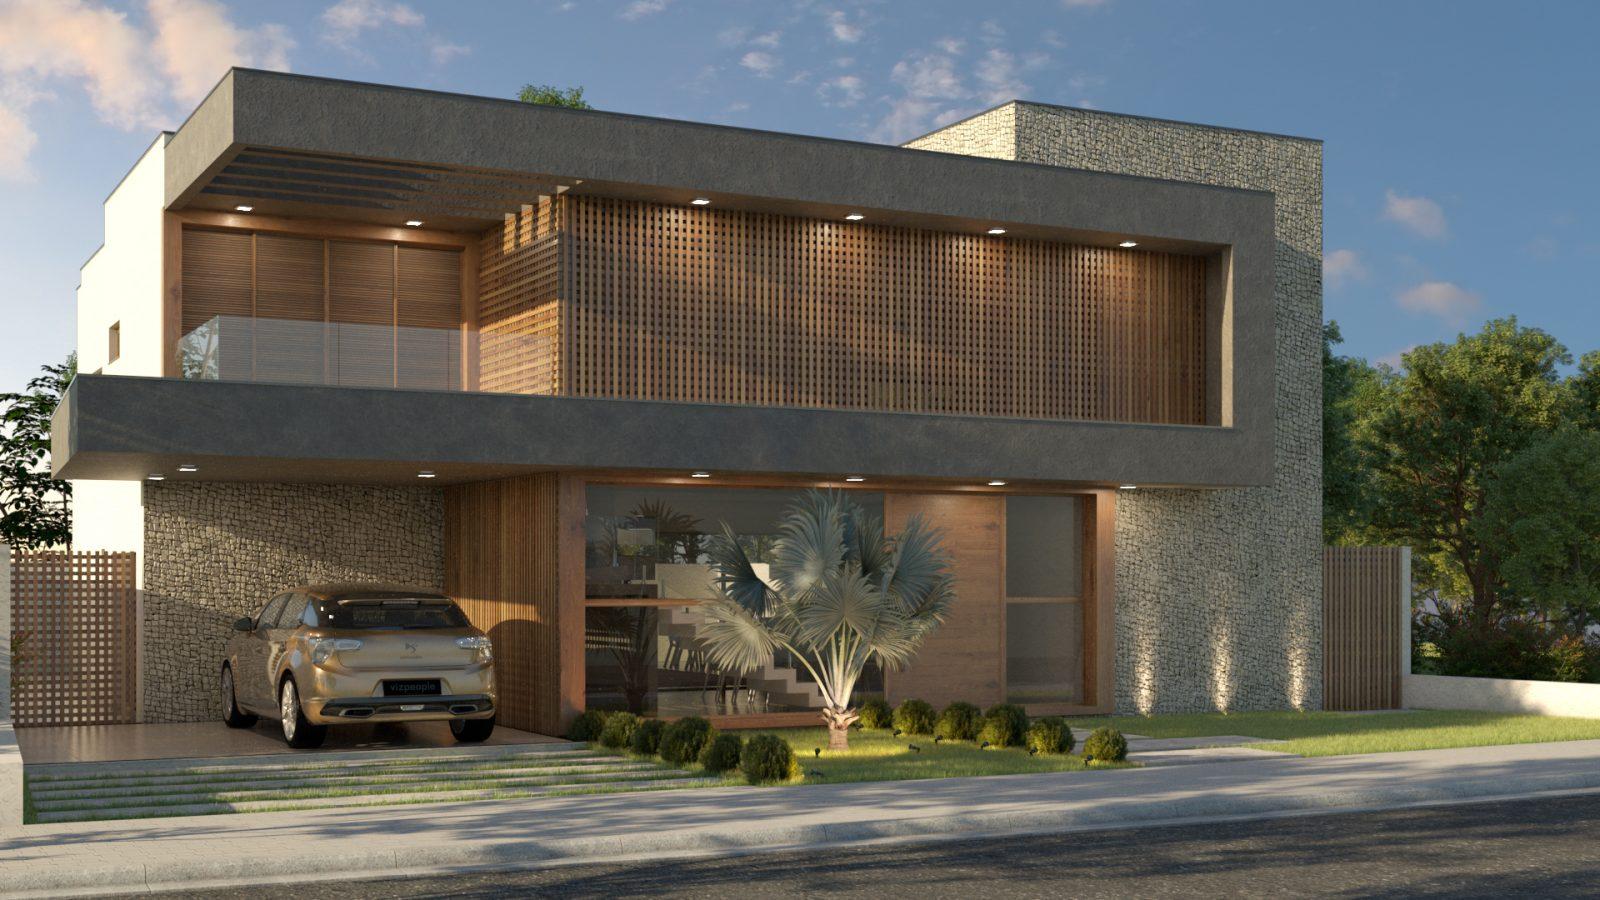 Vista lateral de uma casa quadrada, com amplas janelas, e um carro na garagem.